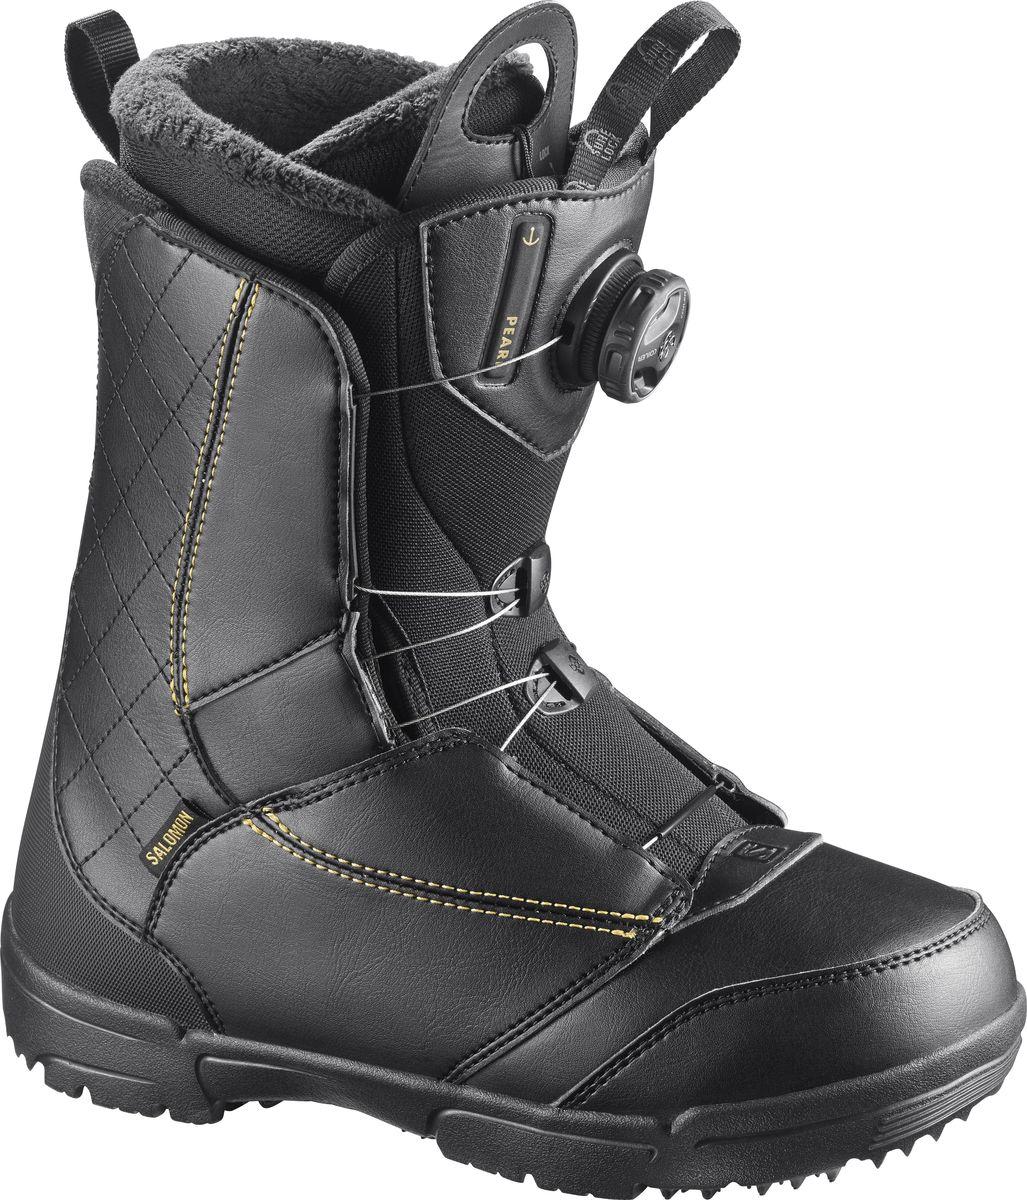 Ботинки для сноуборда Salomon Pearl Boa, цвет: черный, золотистый. Размер 24 (36,5)L39868900Женские сноубордические ботинки Salomon Pearl BOA предназначены для начинающих спортсменов. Простые, быстрые, женственные, ботинки отличаются потрясающим утеплением, посадкой и долговечностью. Небольшая жесткость позволяет начинающим сноубордисткам совершенствовать свою технику катания с комфортом, а шнуровка BOA не отнимет много времени и позволит подогнать ботинок по ноге, не снимая перчаток.Как выбрать сноуборд. Статья OZON Гид